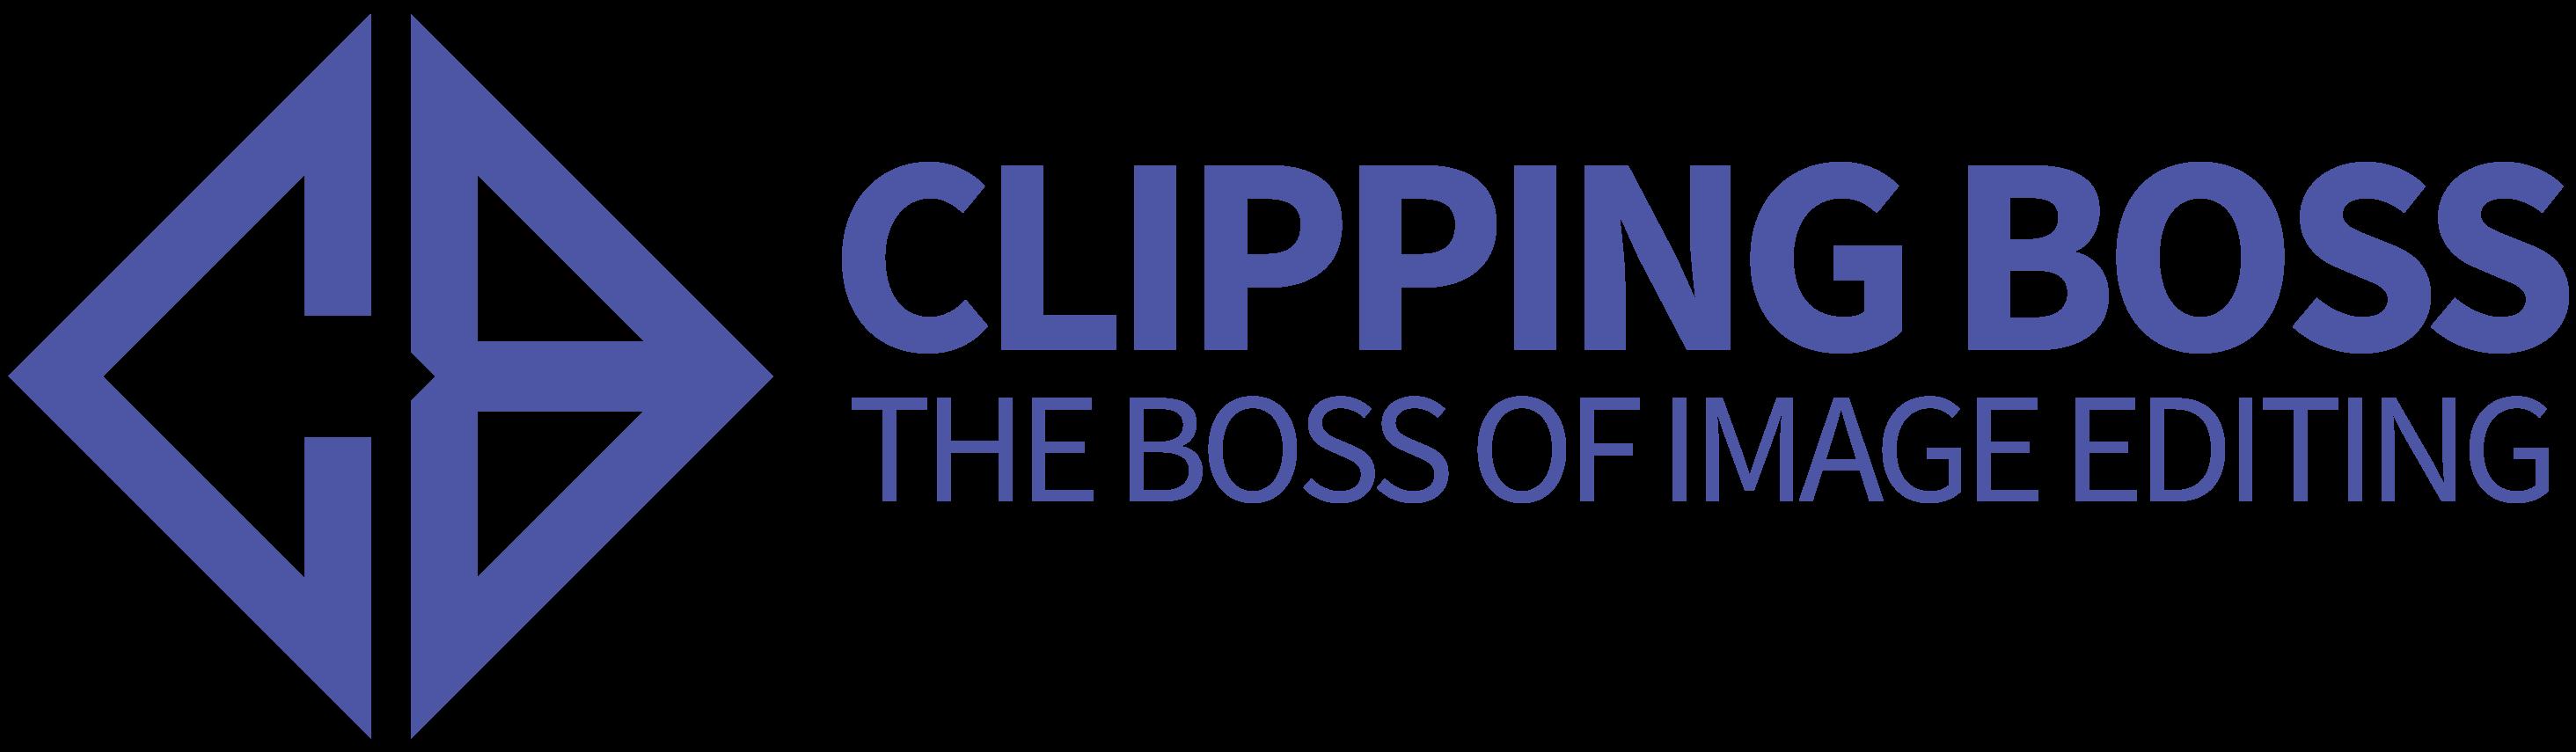 Clipping-Boss-Header-Logo